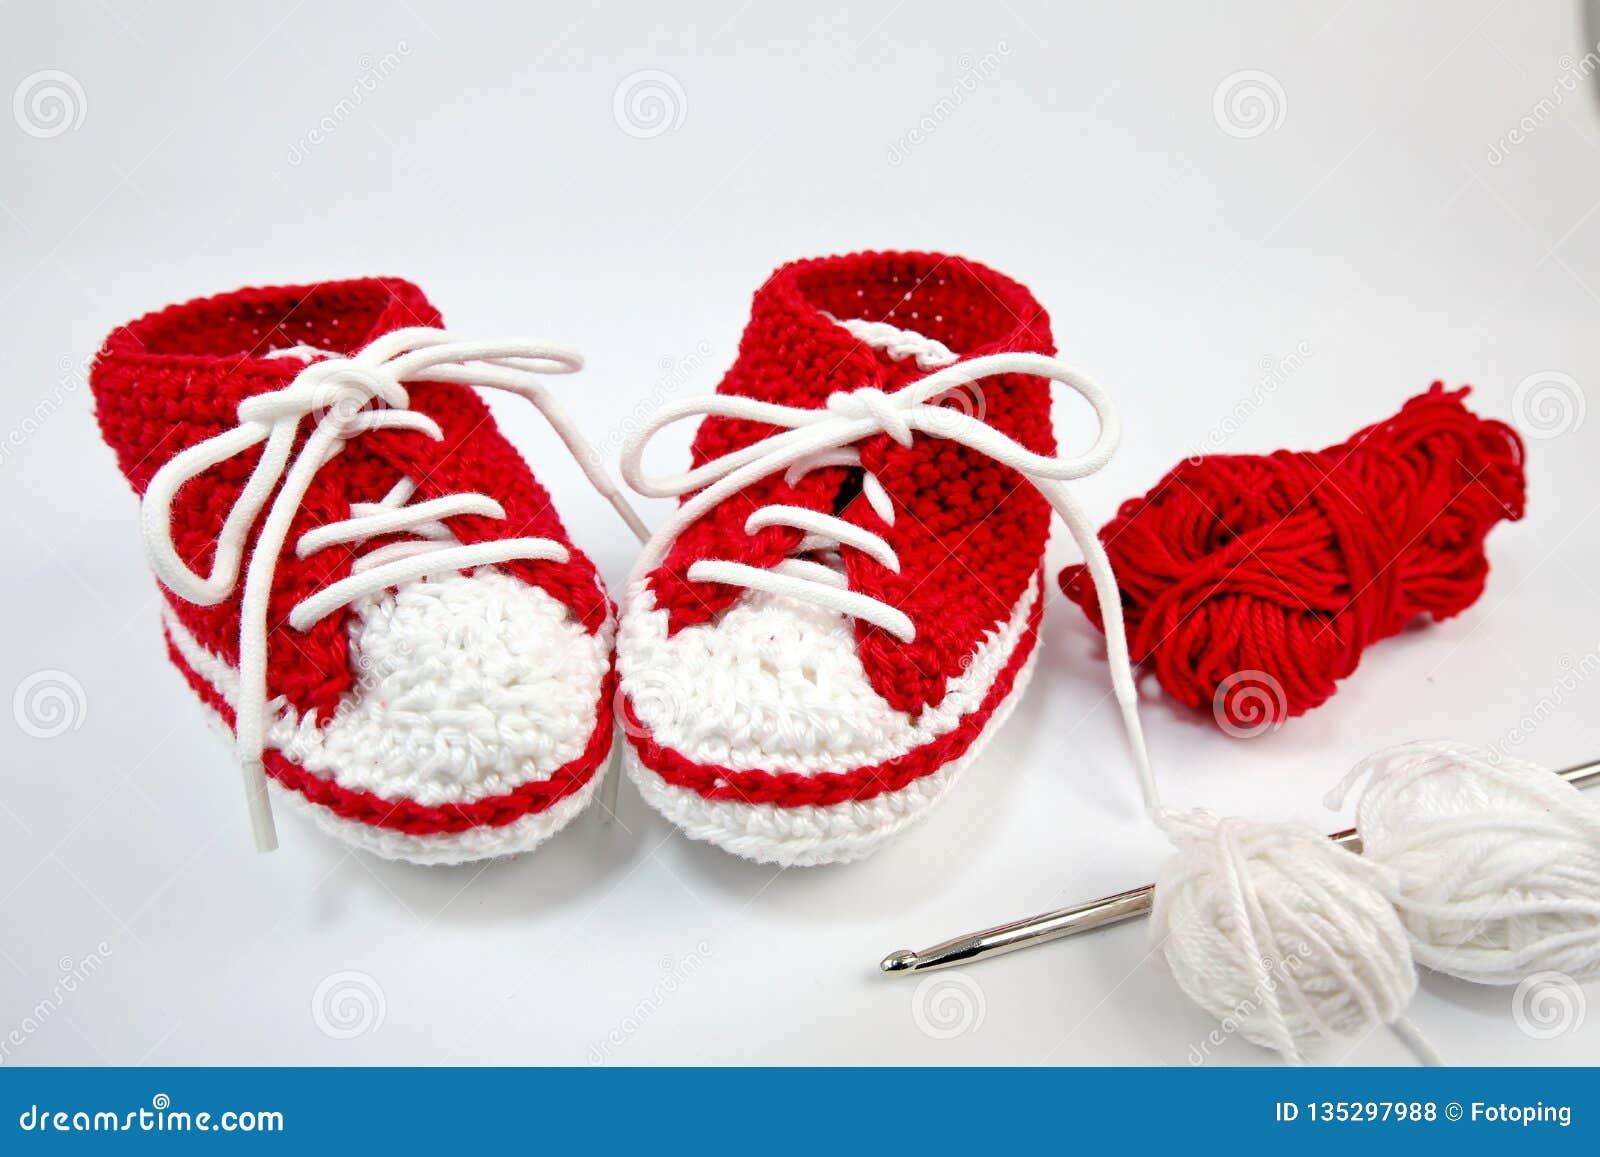 μόνος-πλεγμένα παπούτσια μωρών φιαγμένα από βαμβάκι